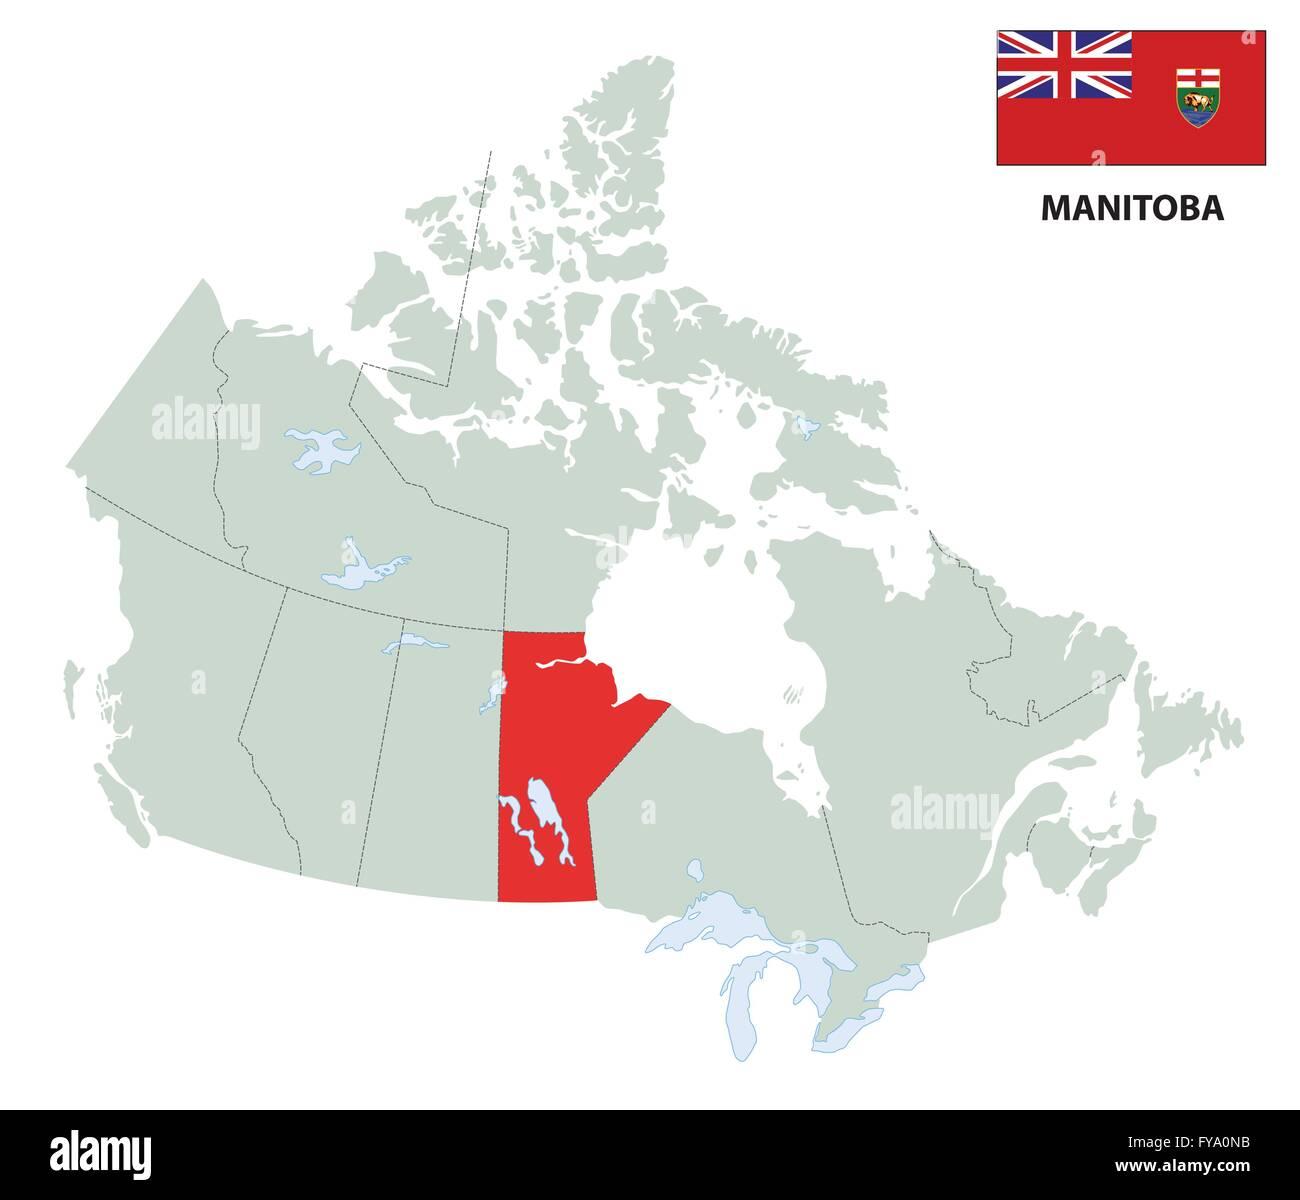 Carte Canada Manitoba.Carte De La Province Du Manitoba Avec Drapeau Canadien Vecteurs Et